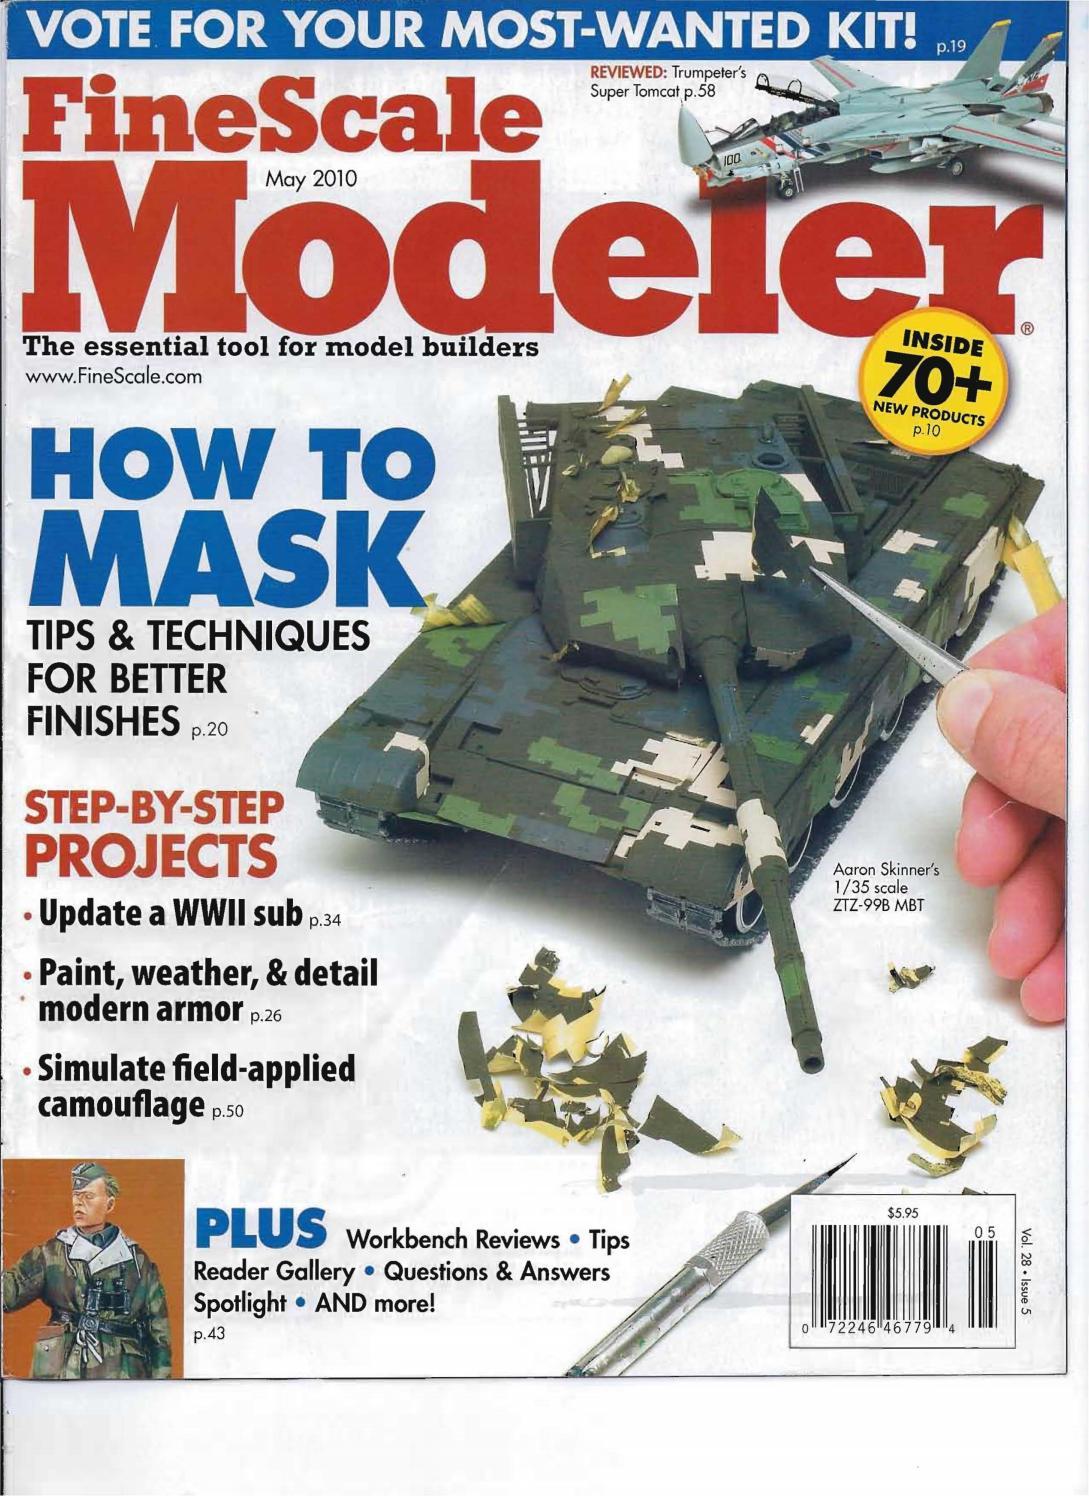 L11-21 1//6 scale action figure M4 Magazines *3